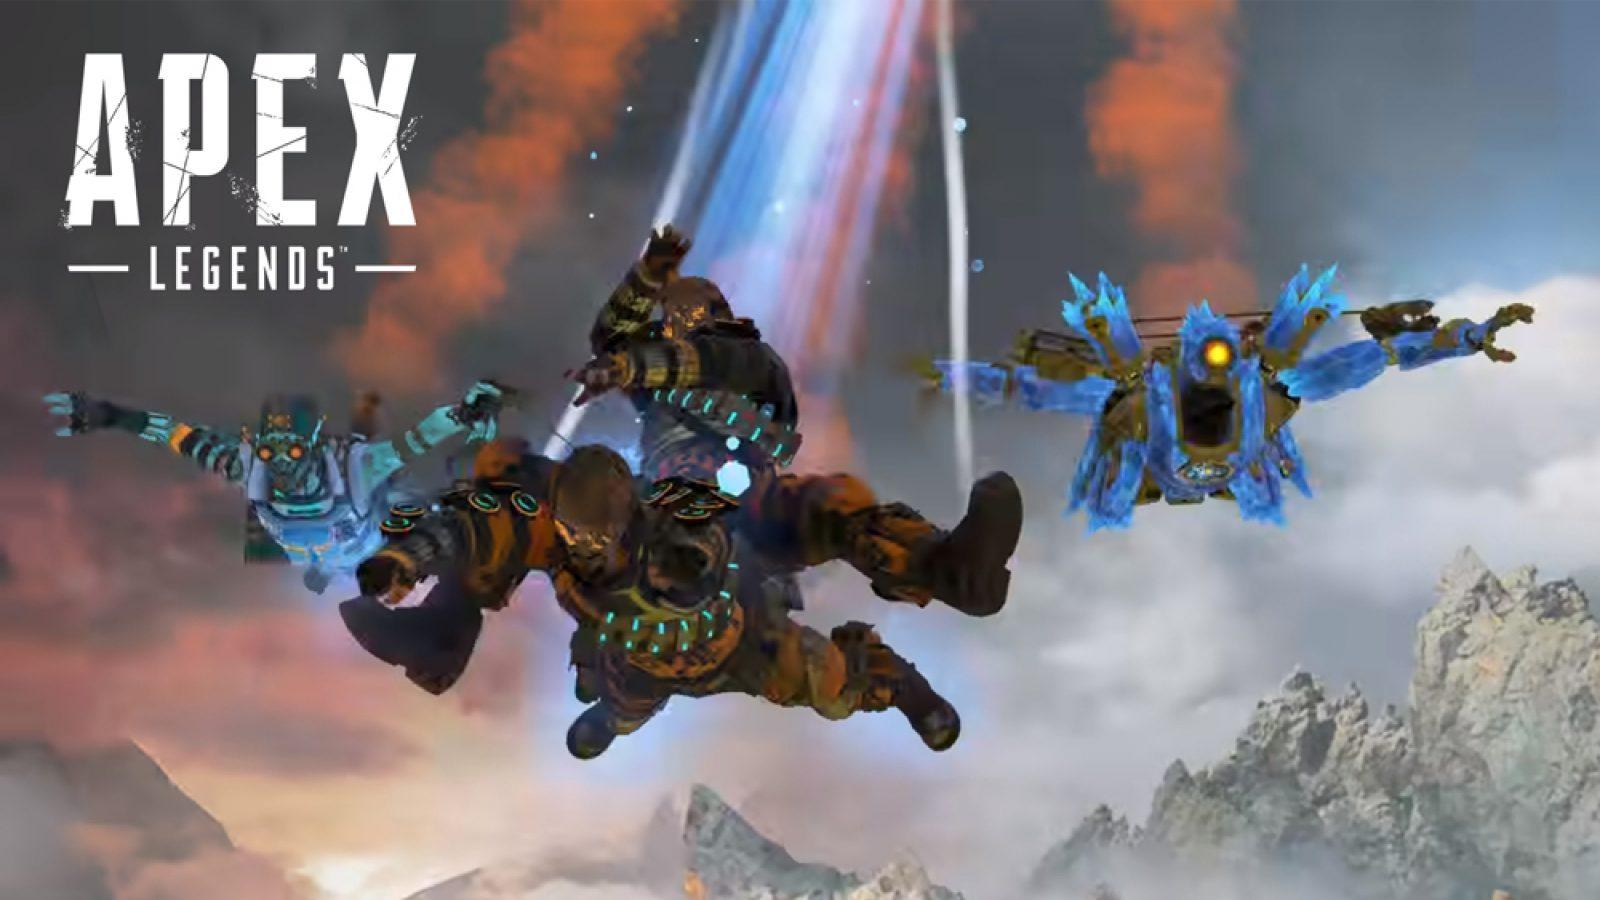 双排终于来了!《Apex英雄》下周开启新限时活动